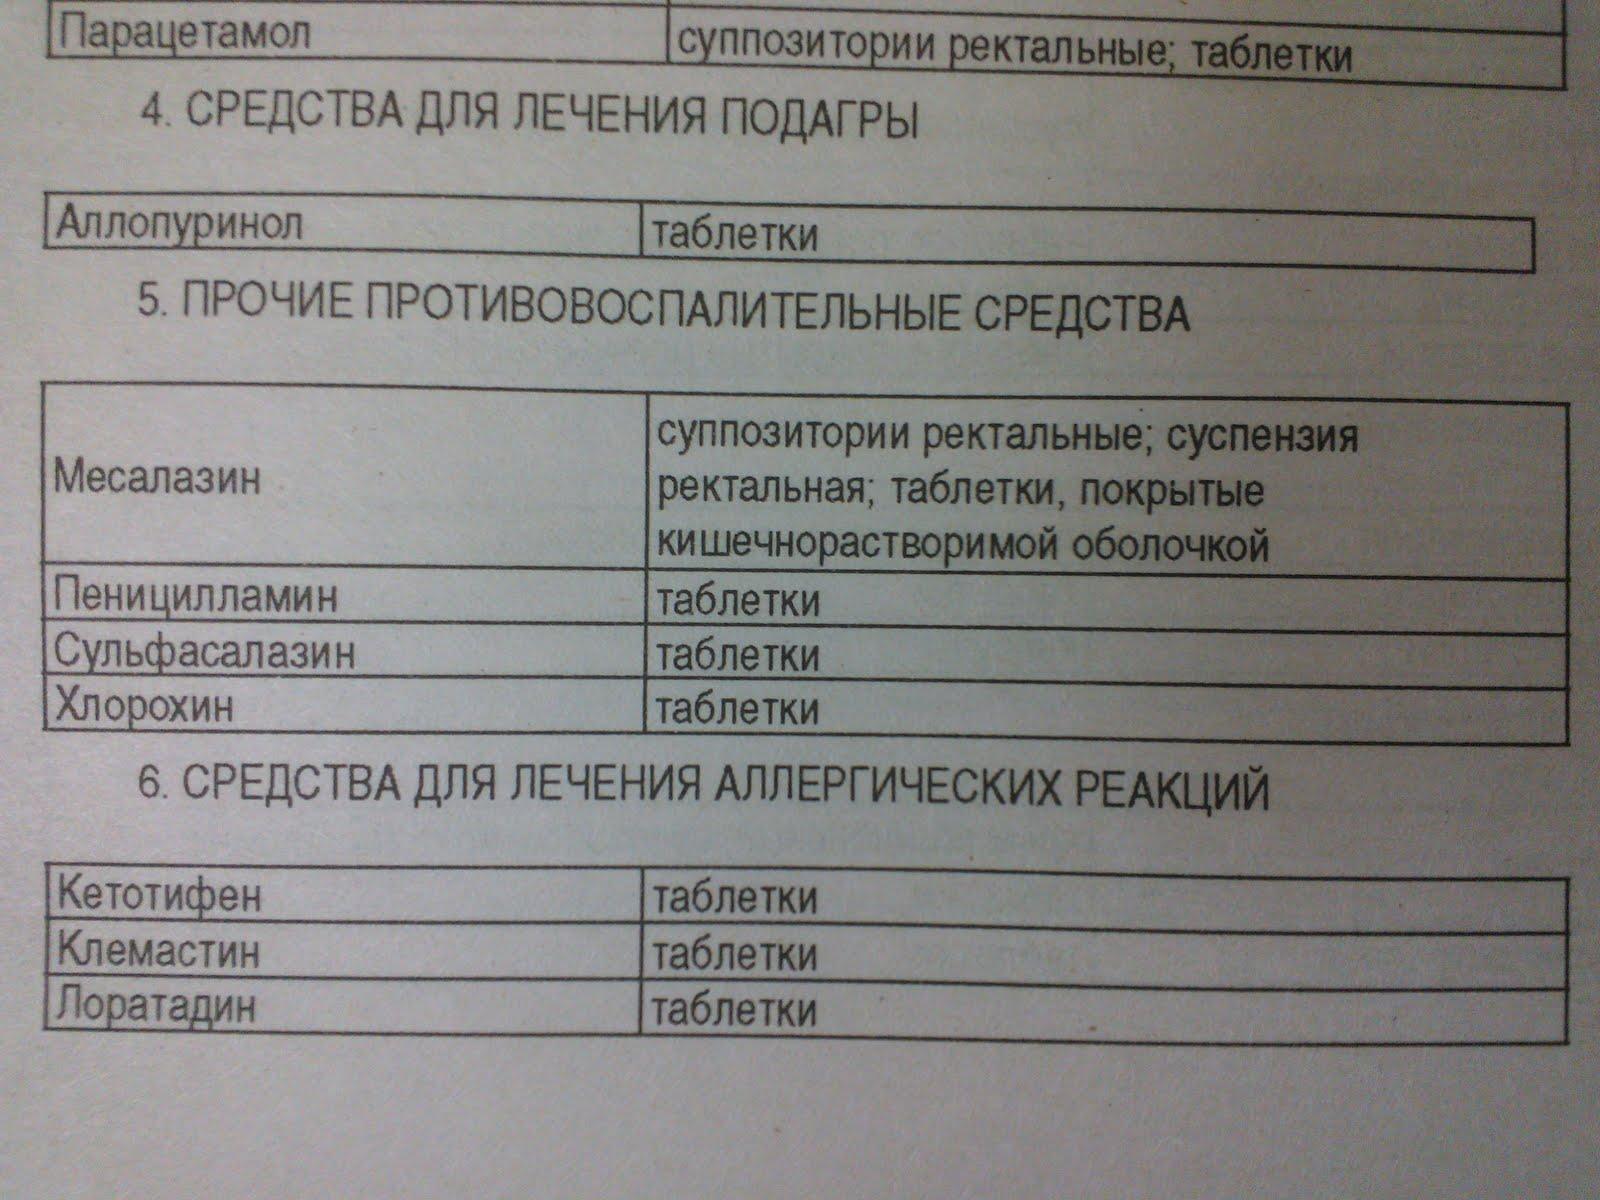 Утвержден перечень ЖНВЛП на 2017 год  Новости GMP